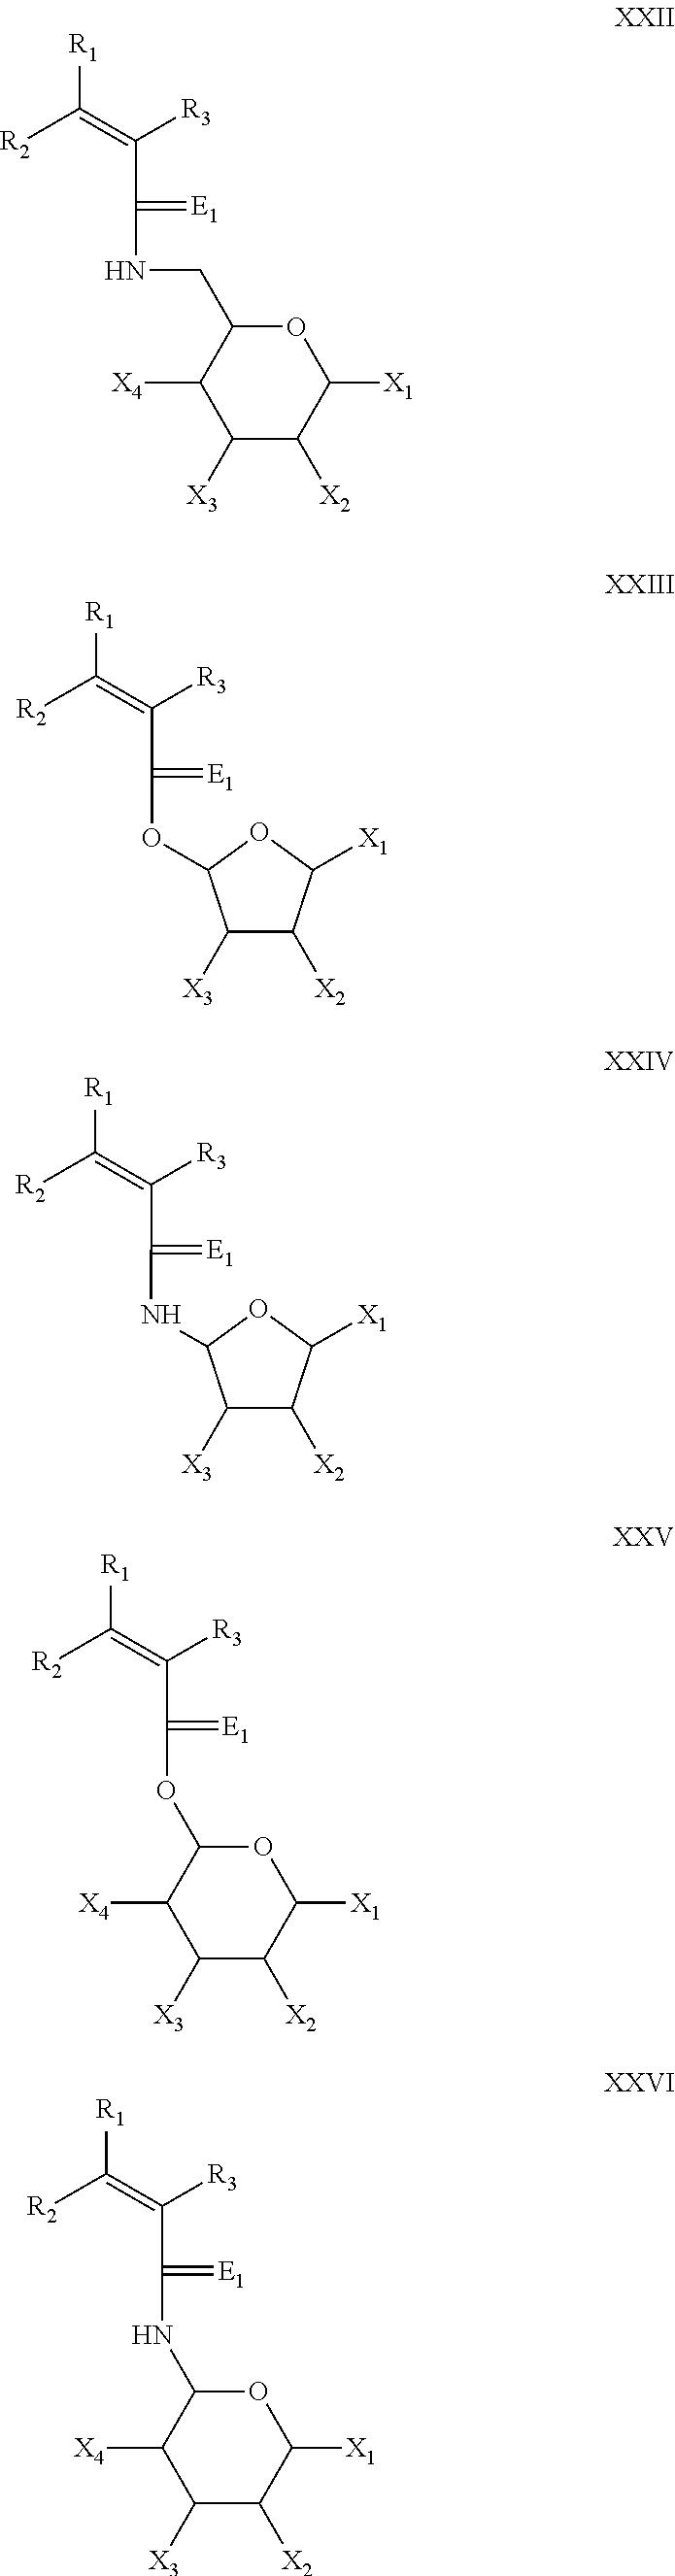 Figure US09872936-20180123-C00012